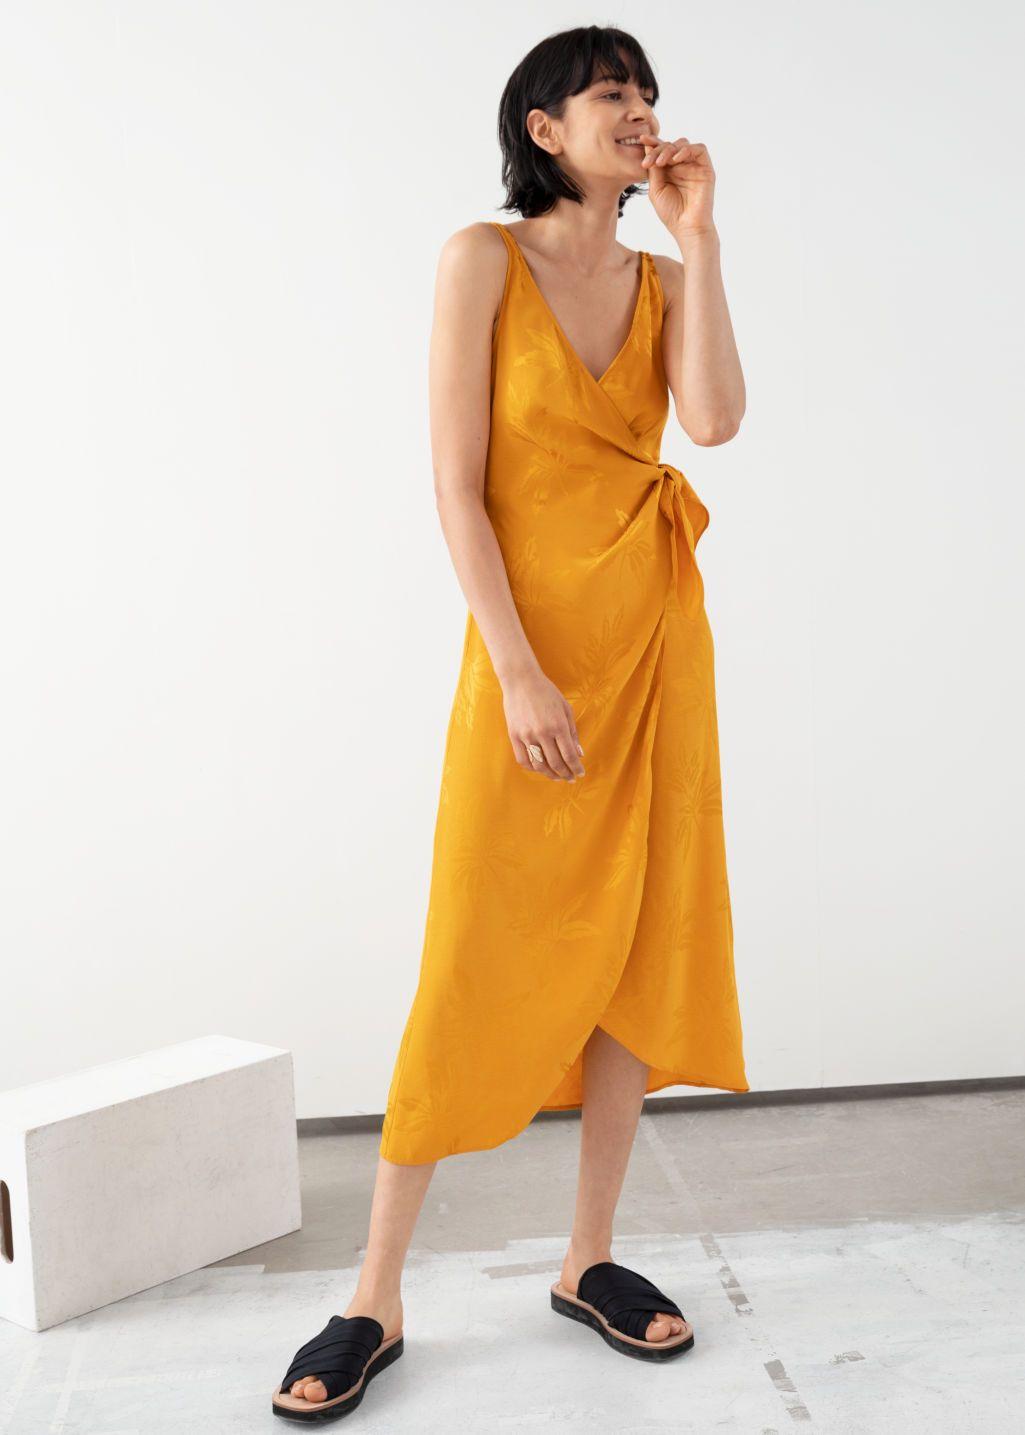 Pin On Fashion Beauty [ 1435 x 1025 Pixel ]